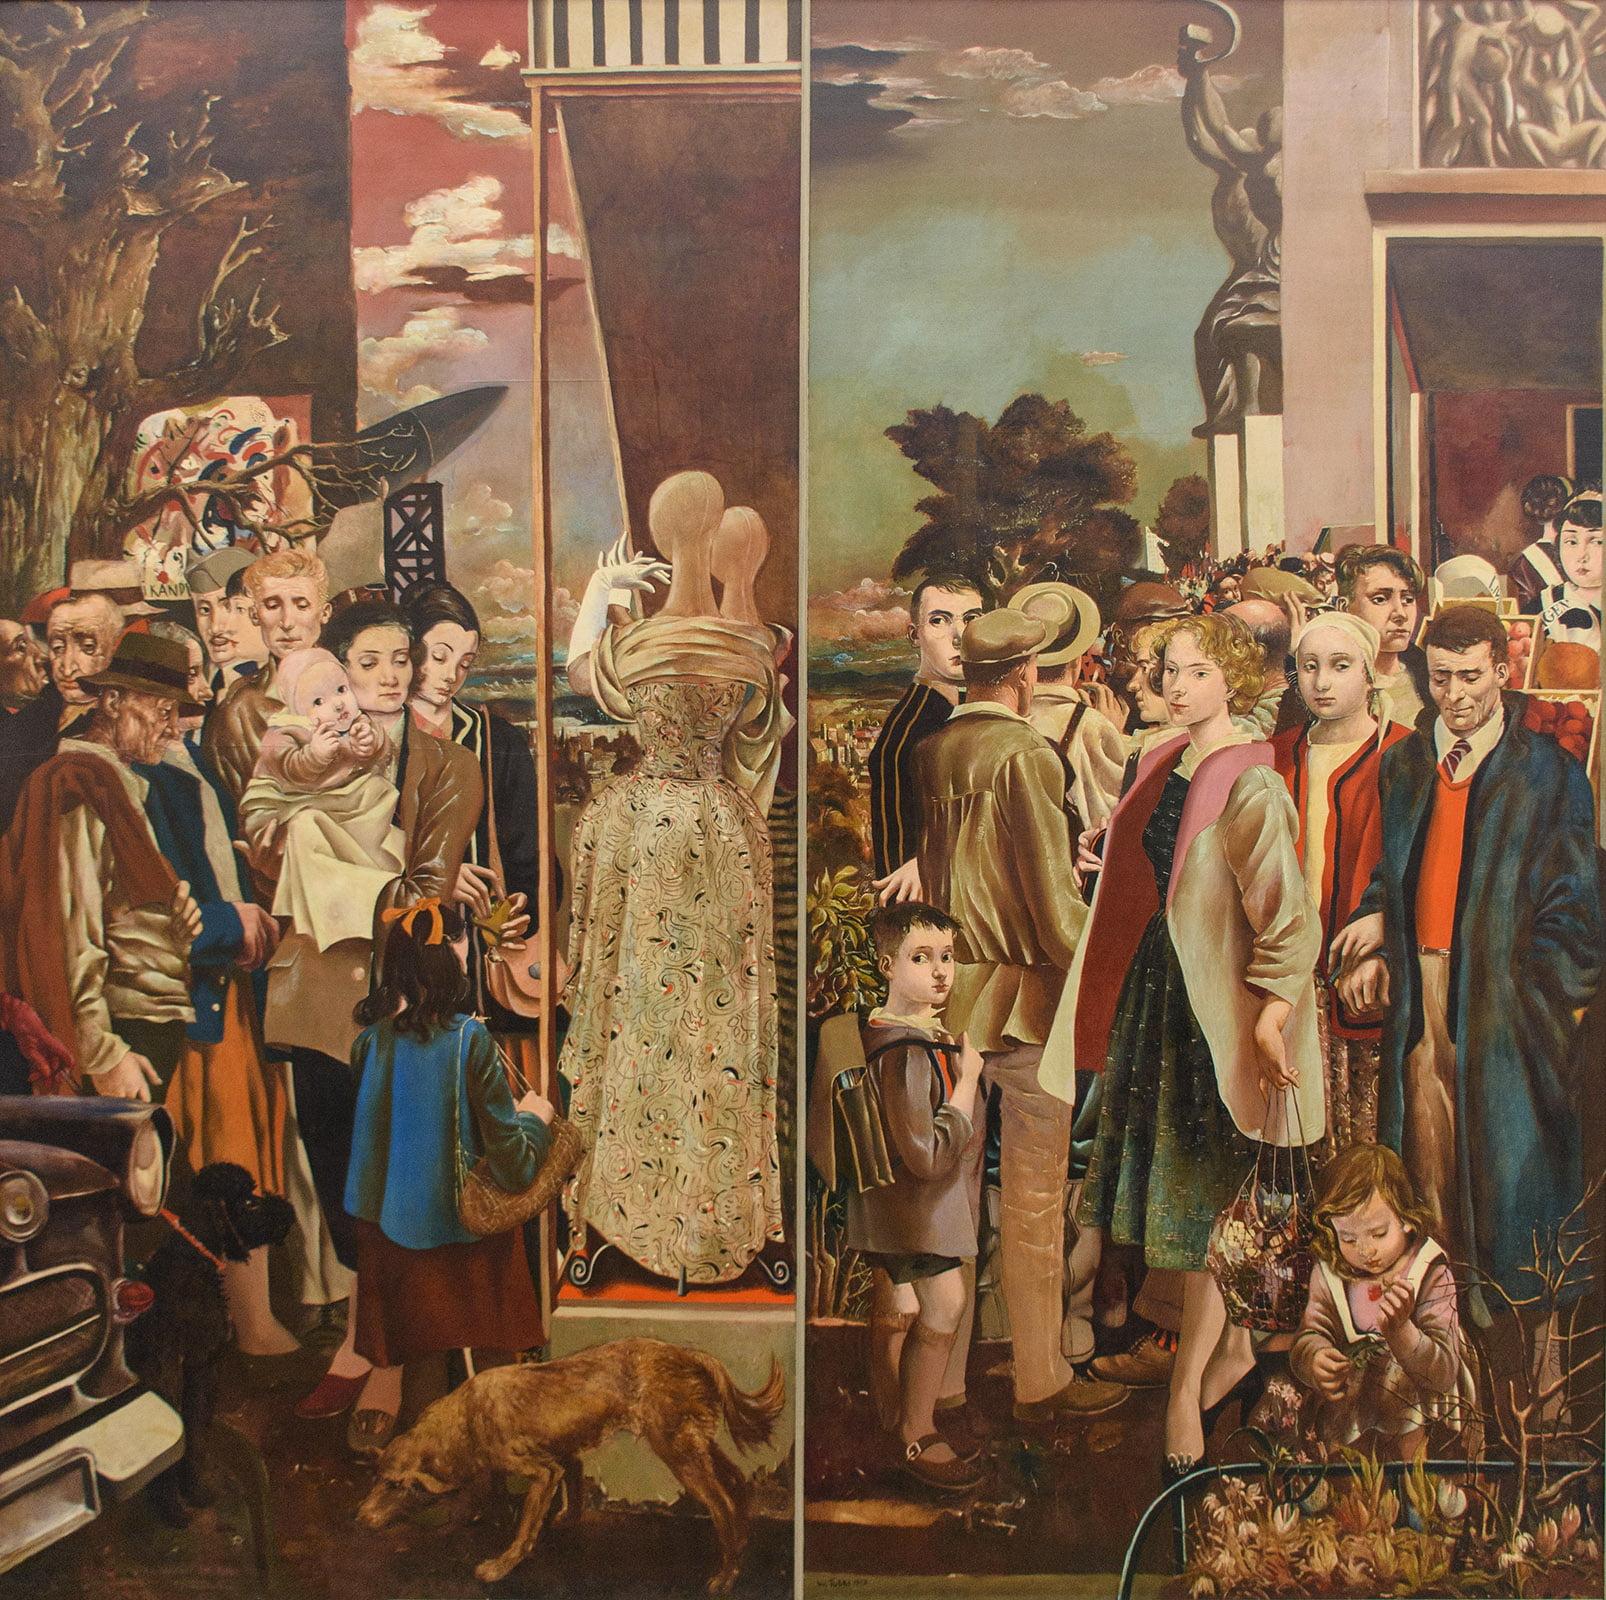 Museum de Fundatie, Zwolle, Werner Tübke, Master painter between East and West